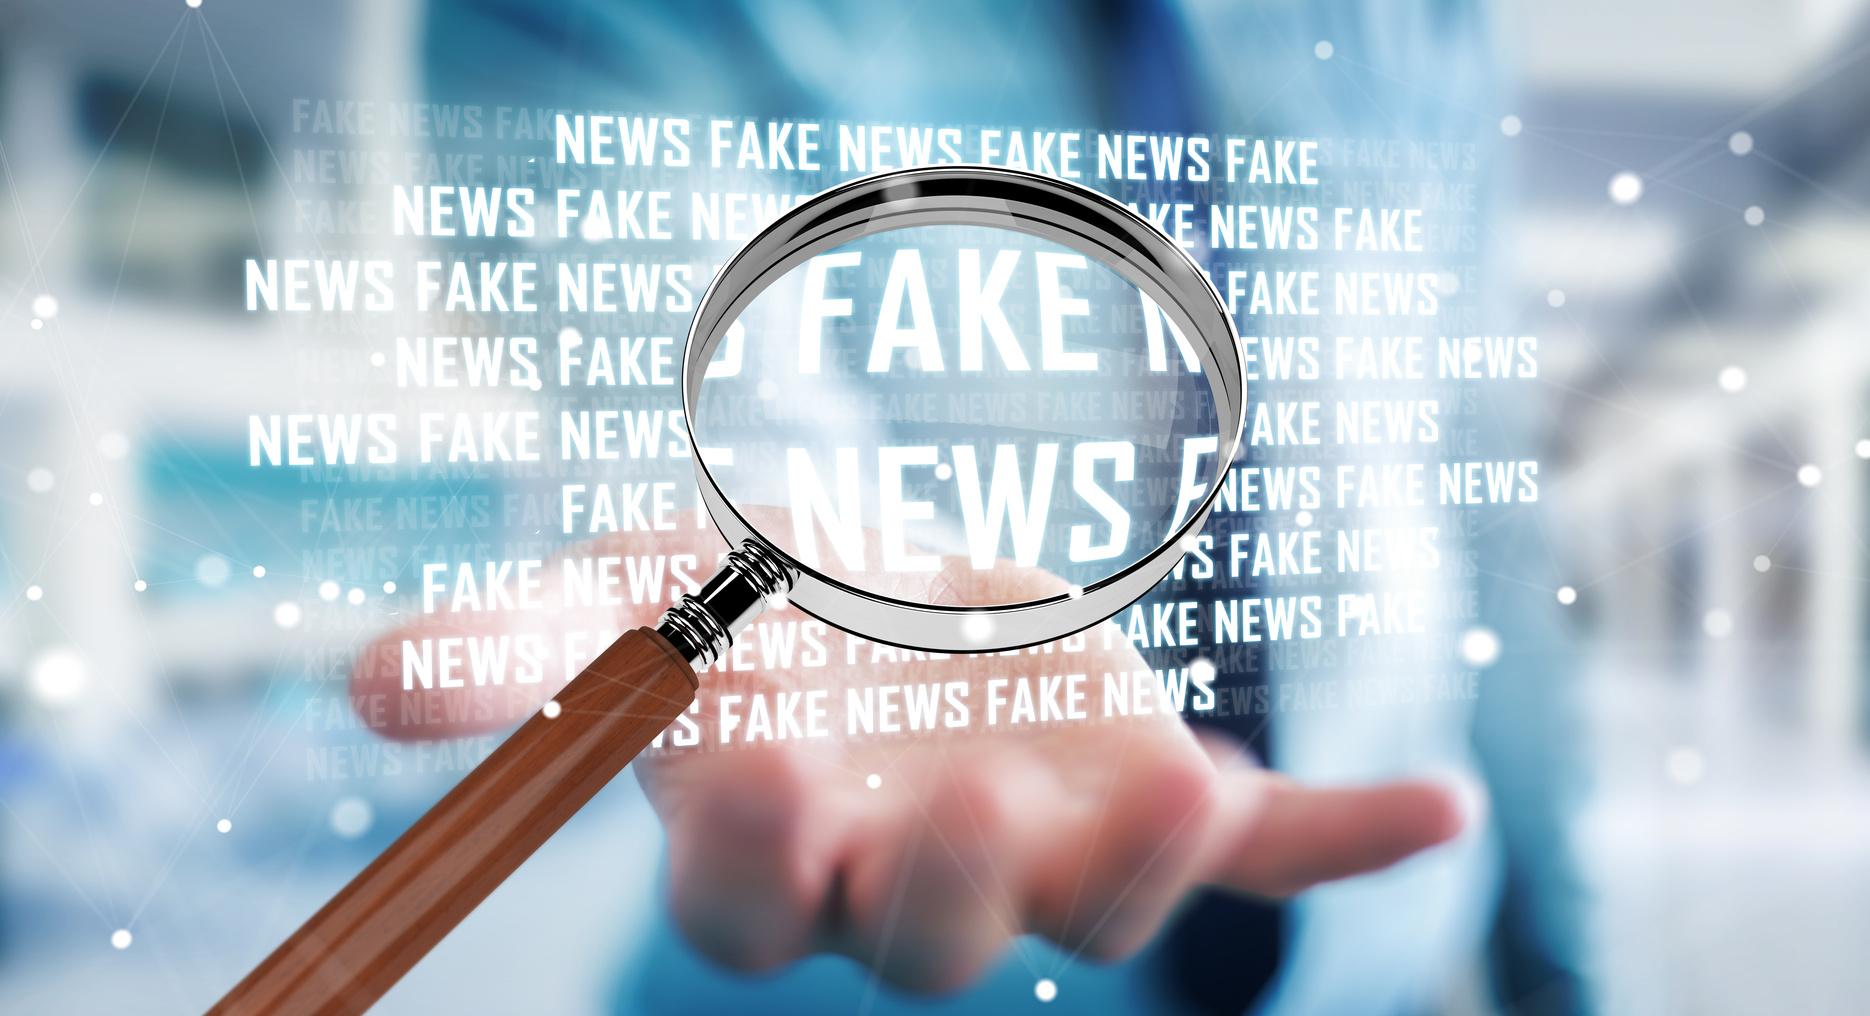 Las fake news: un peligro para la democracia